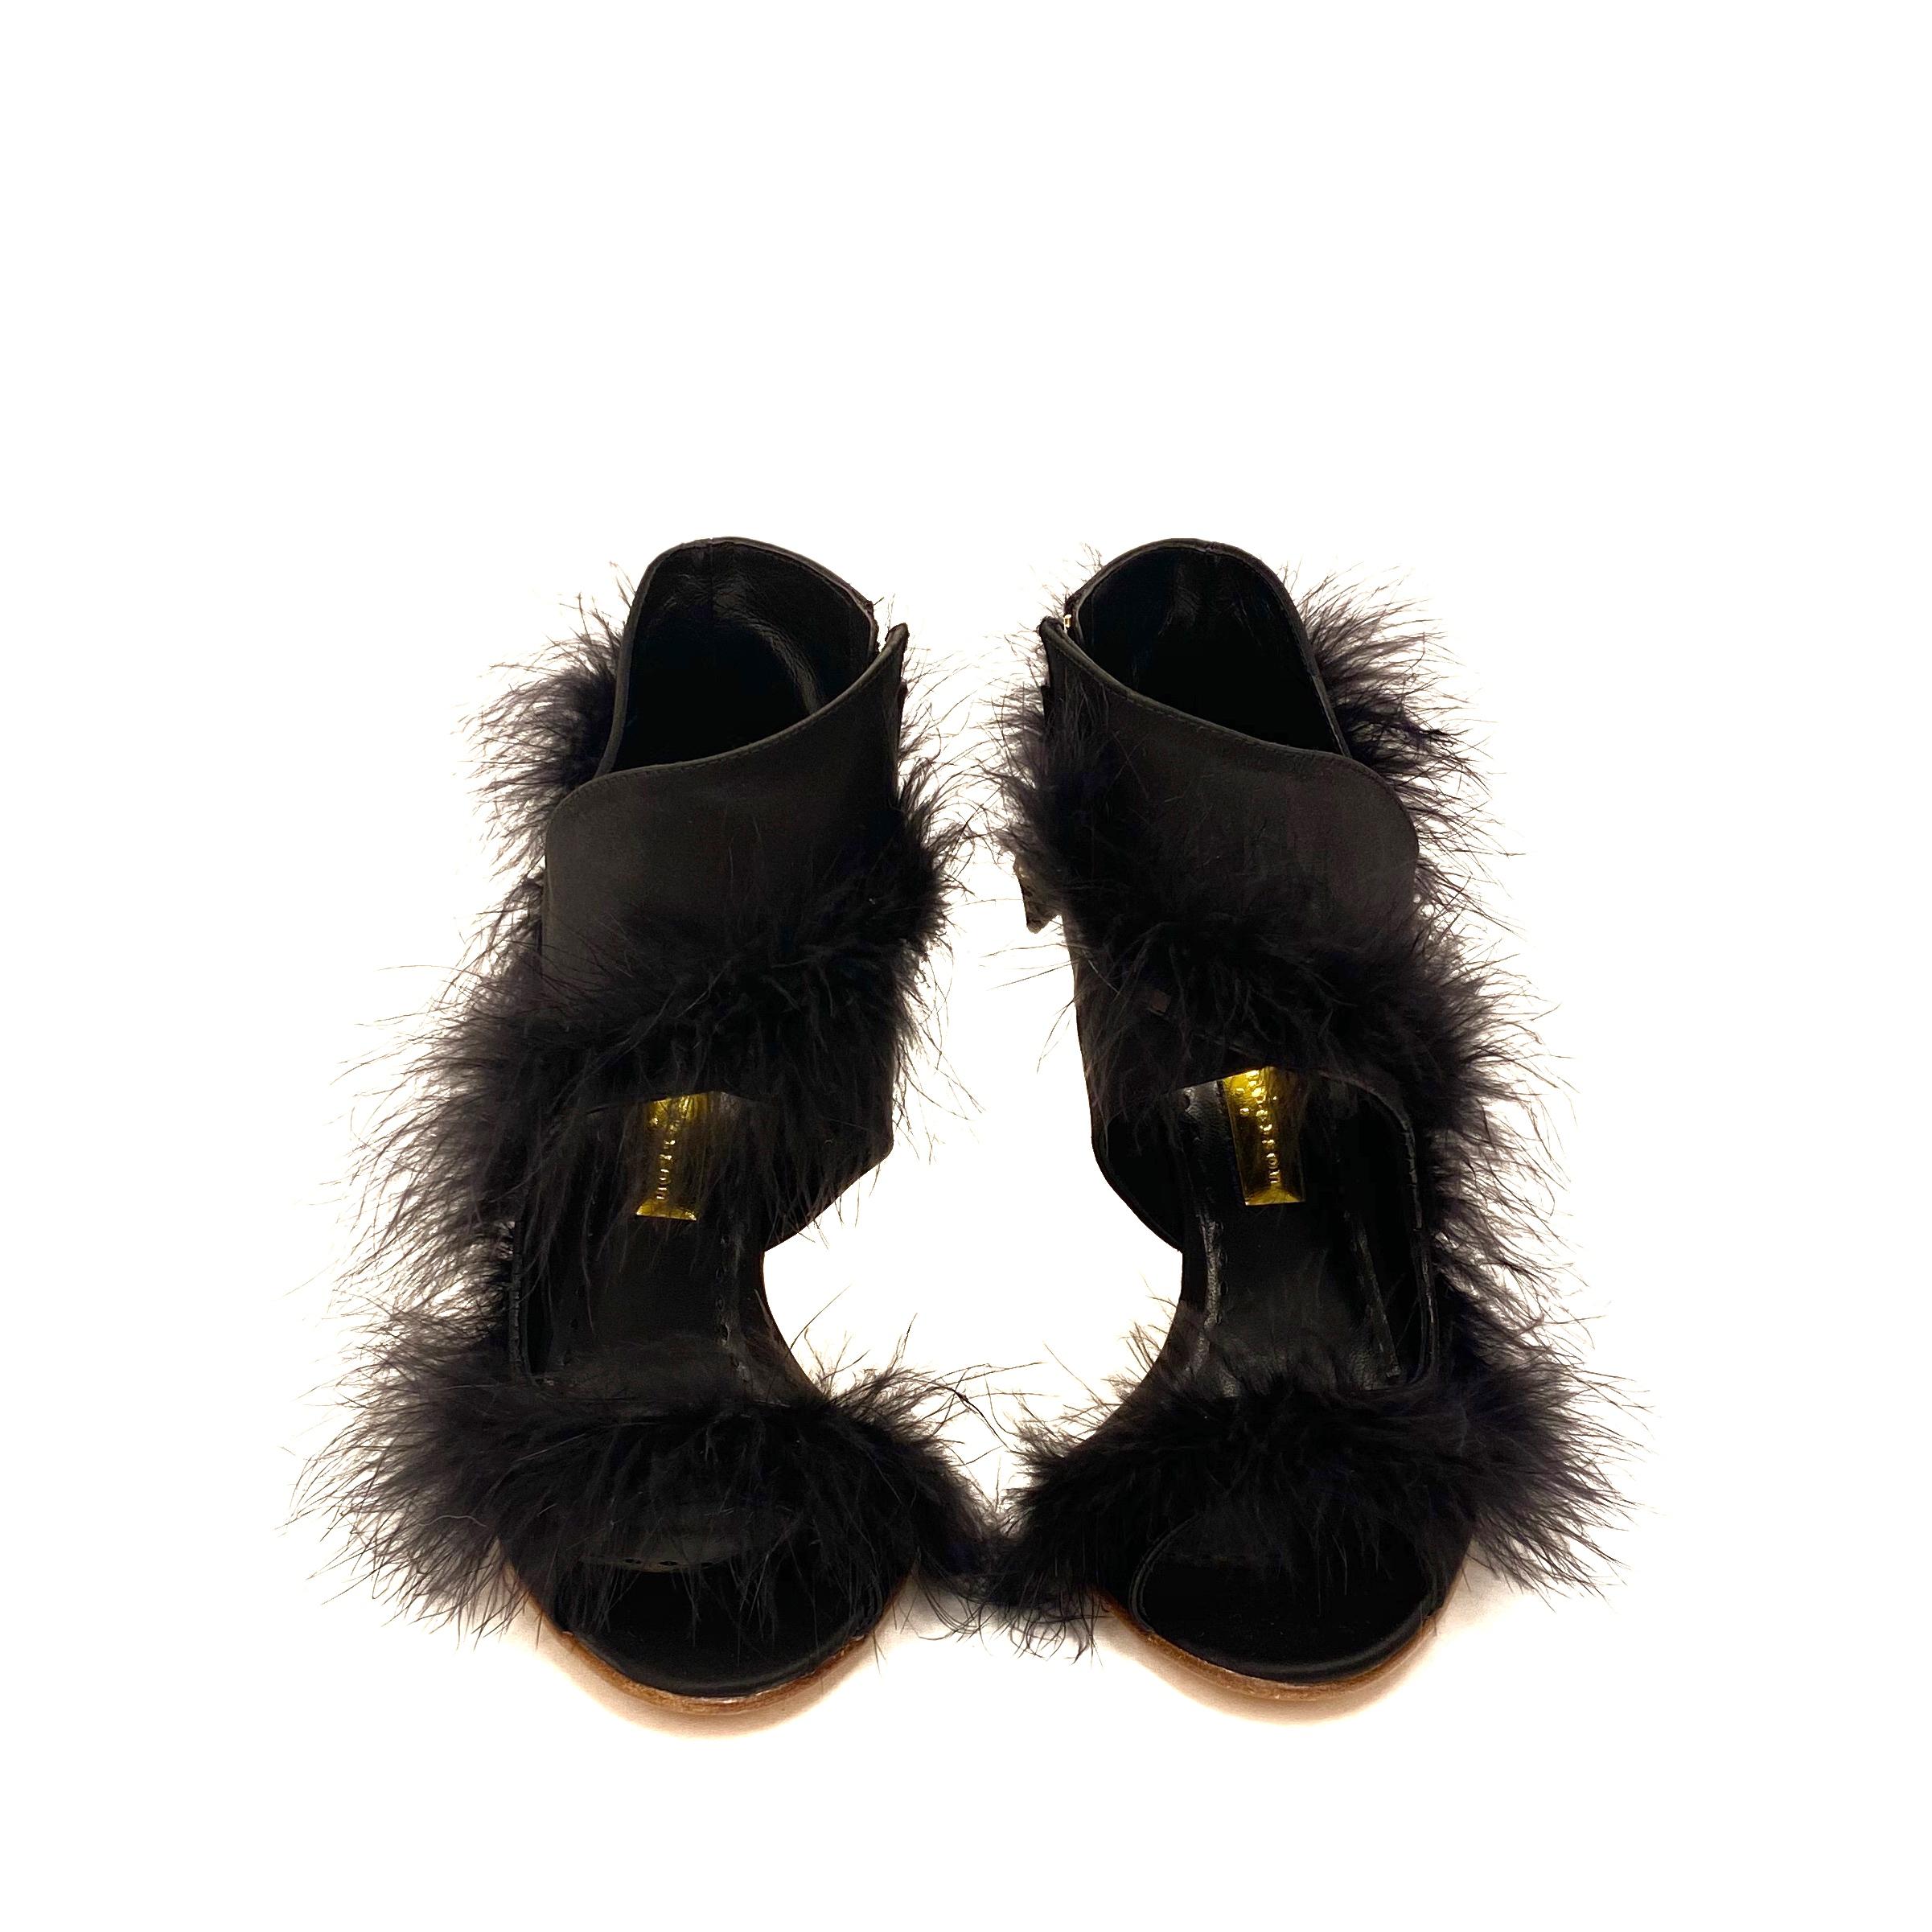 Rupert Sanderson högklackade skor  39 Sv5419